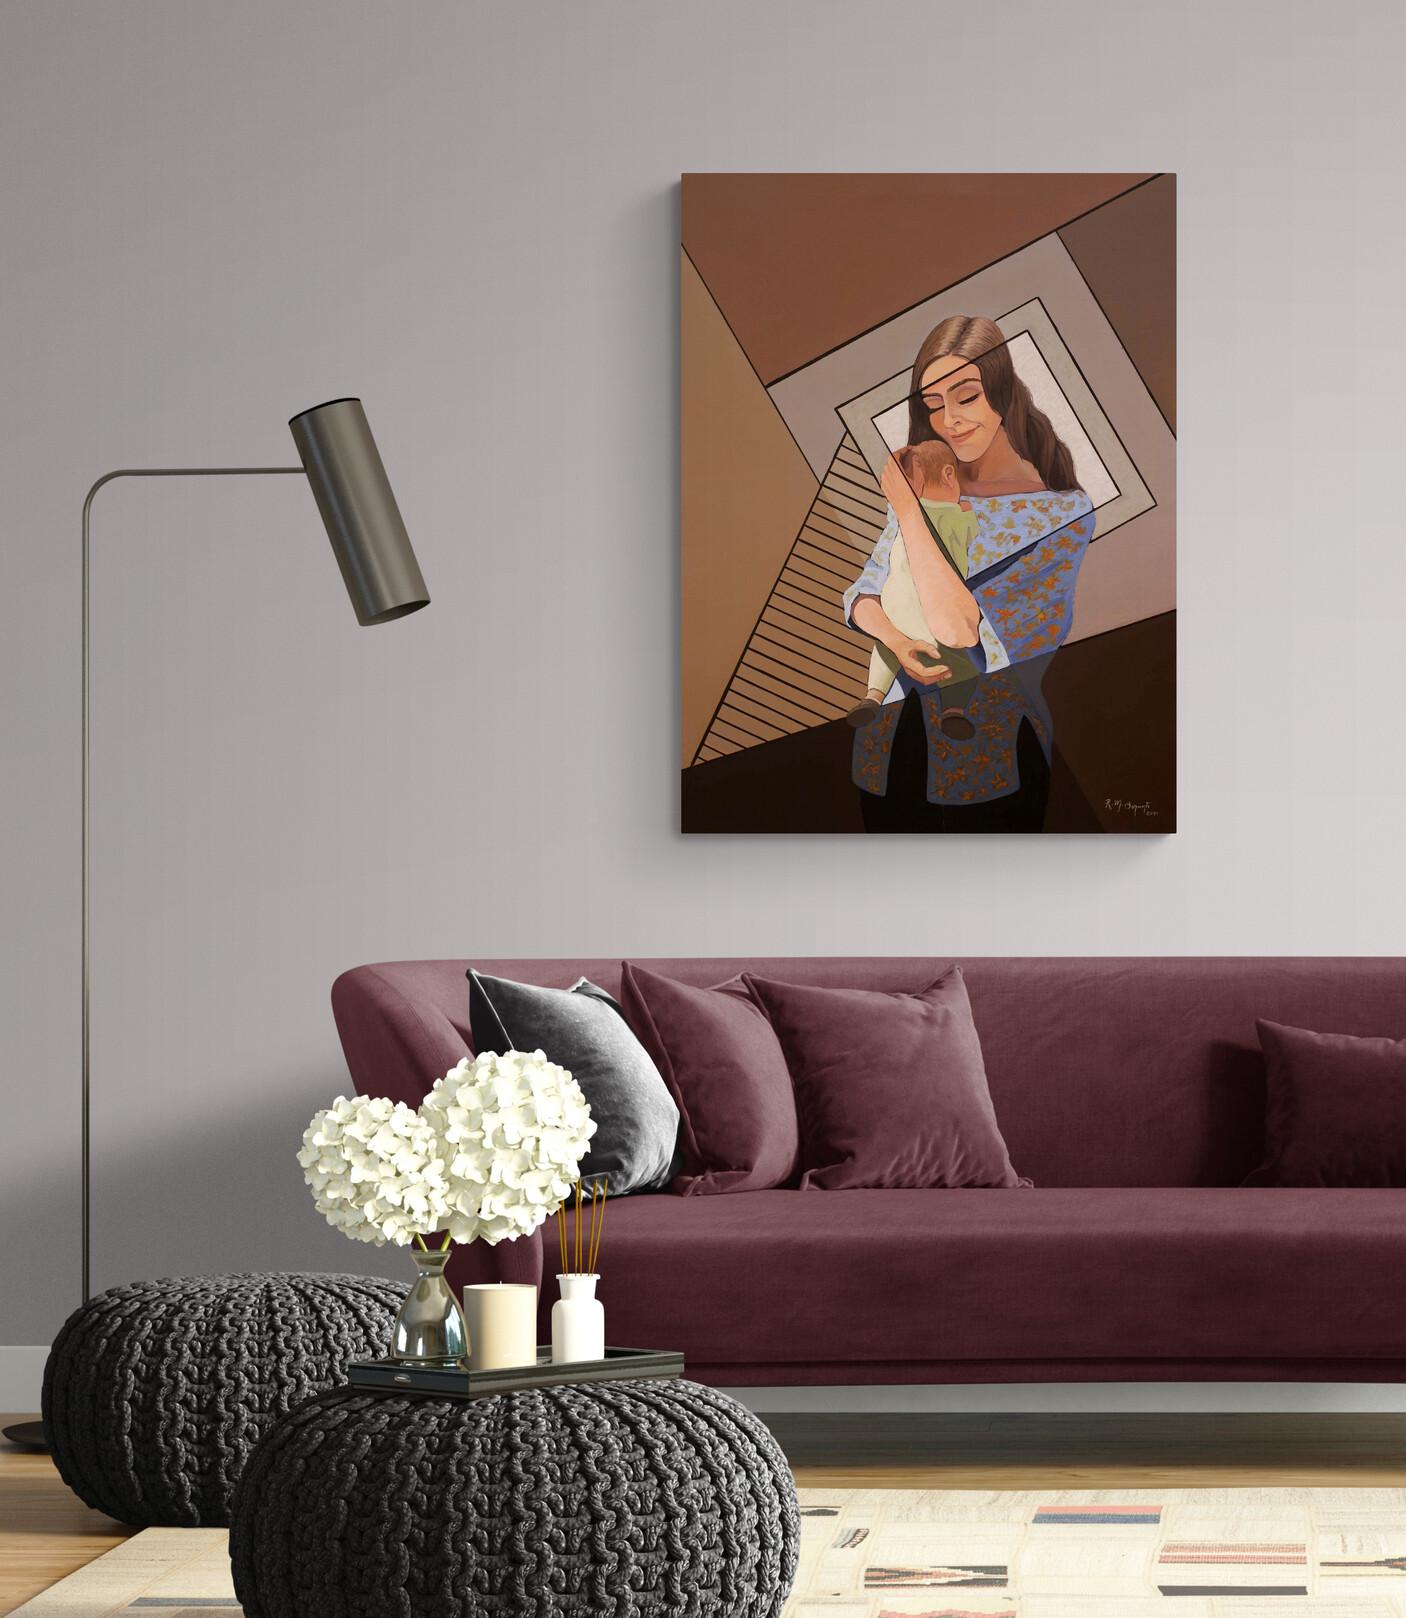 maternidad maternity living room interior_